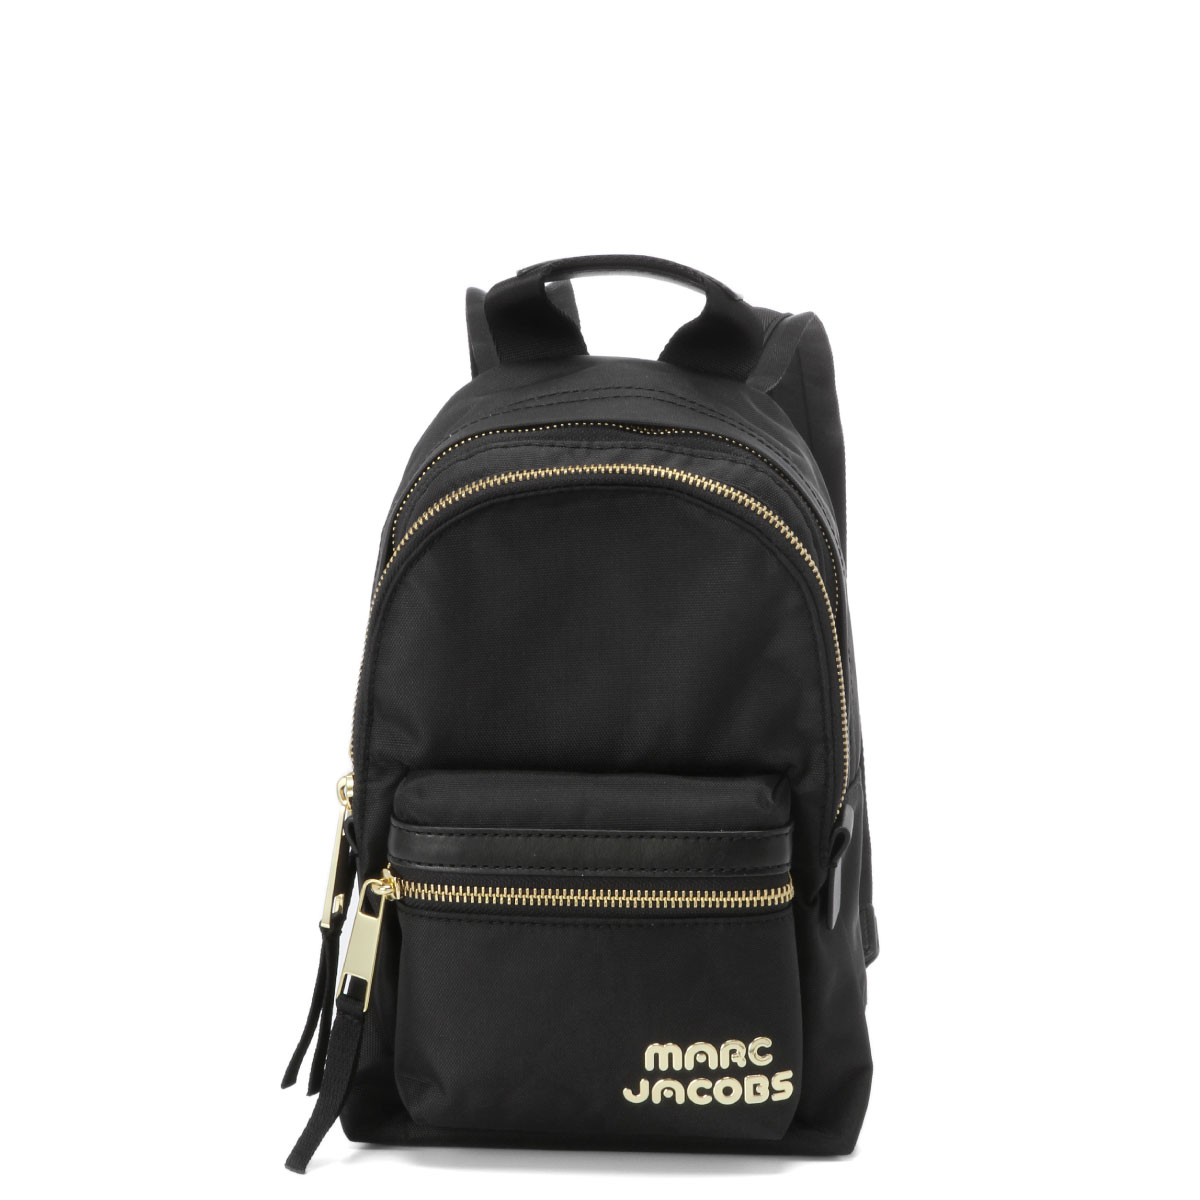 マーク ジェイコブス MARC JACOBS バッグ レディース M0014032 001 バックパック ミニ TREK PACK トレック パック BLACK ブラック